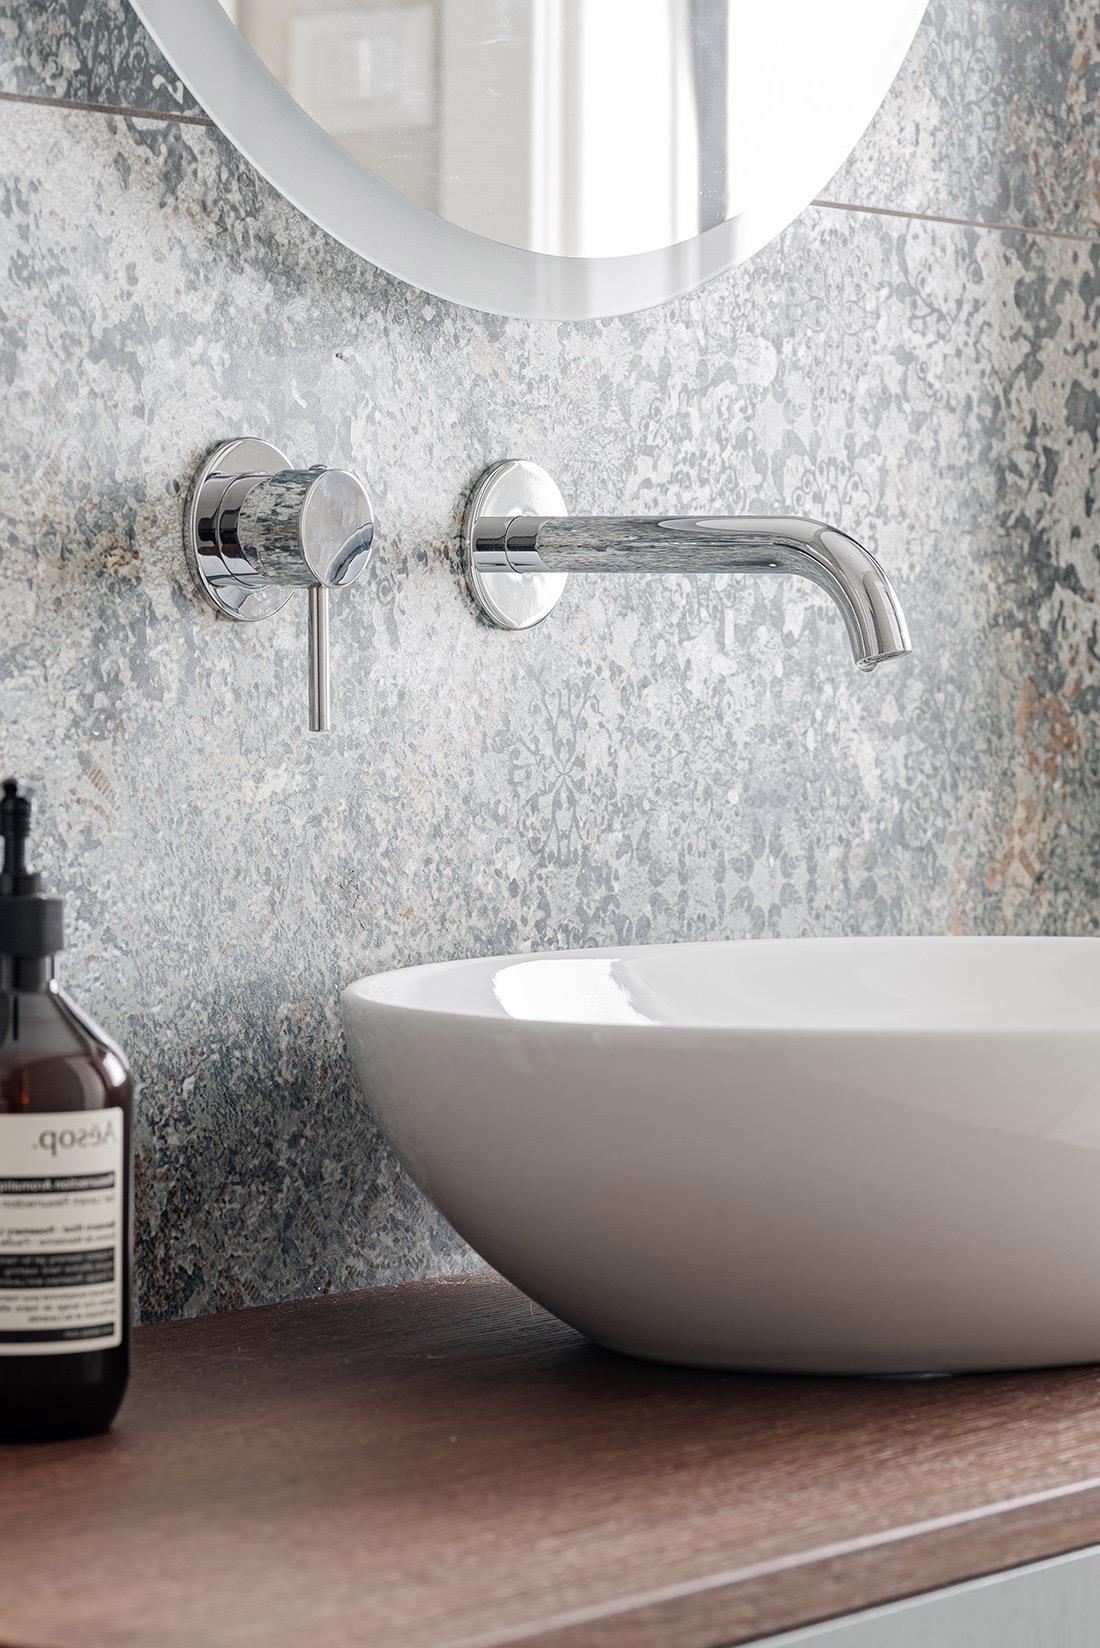 lavabo vasque relief crédence carrelage effet pierre marbre